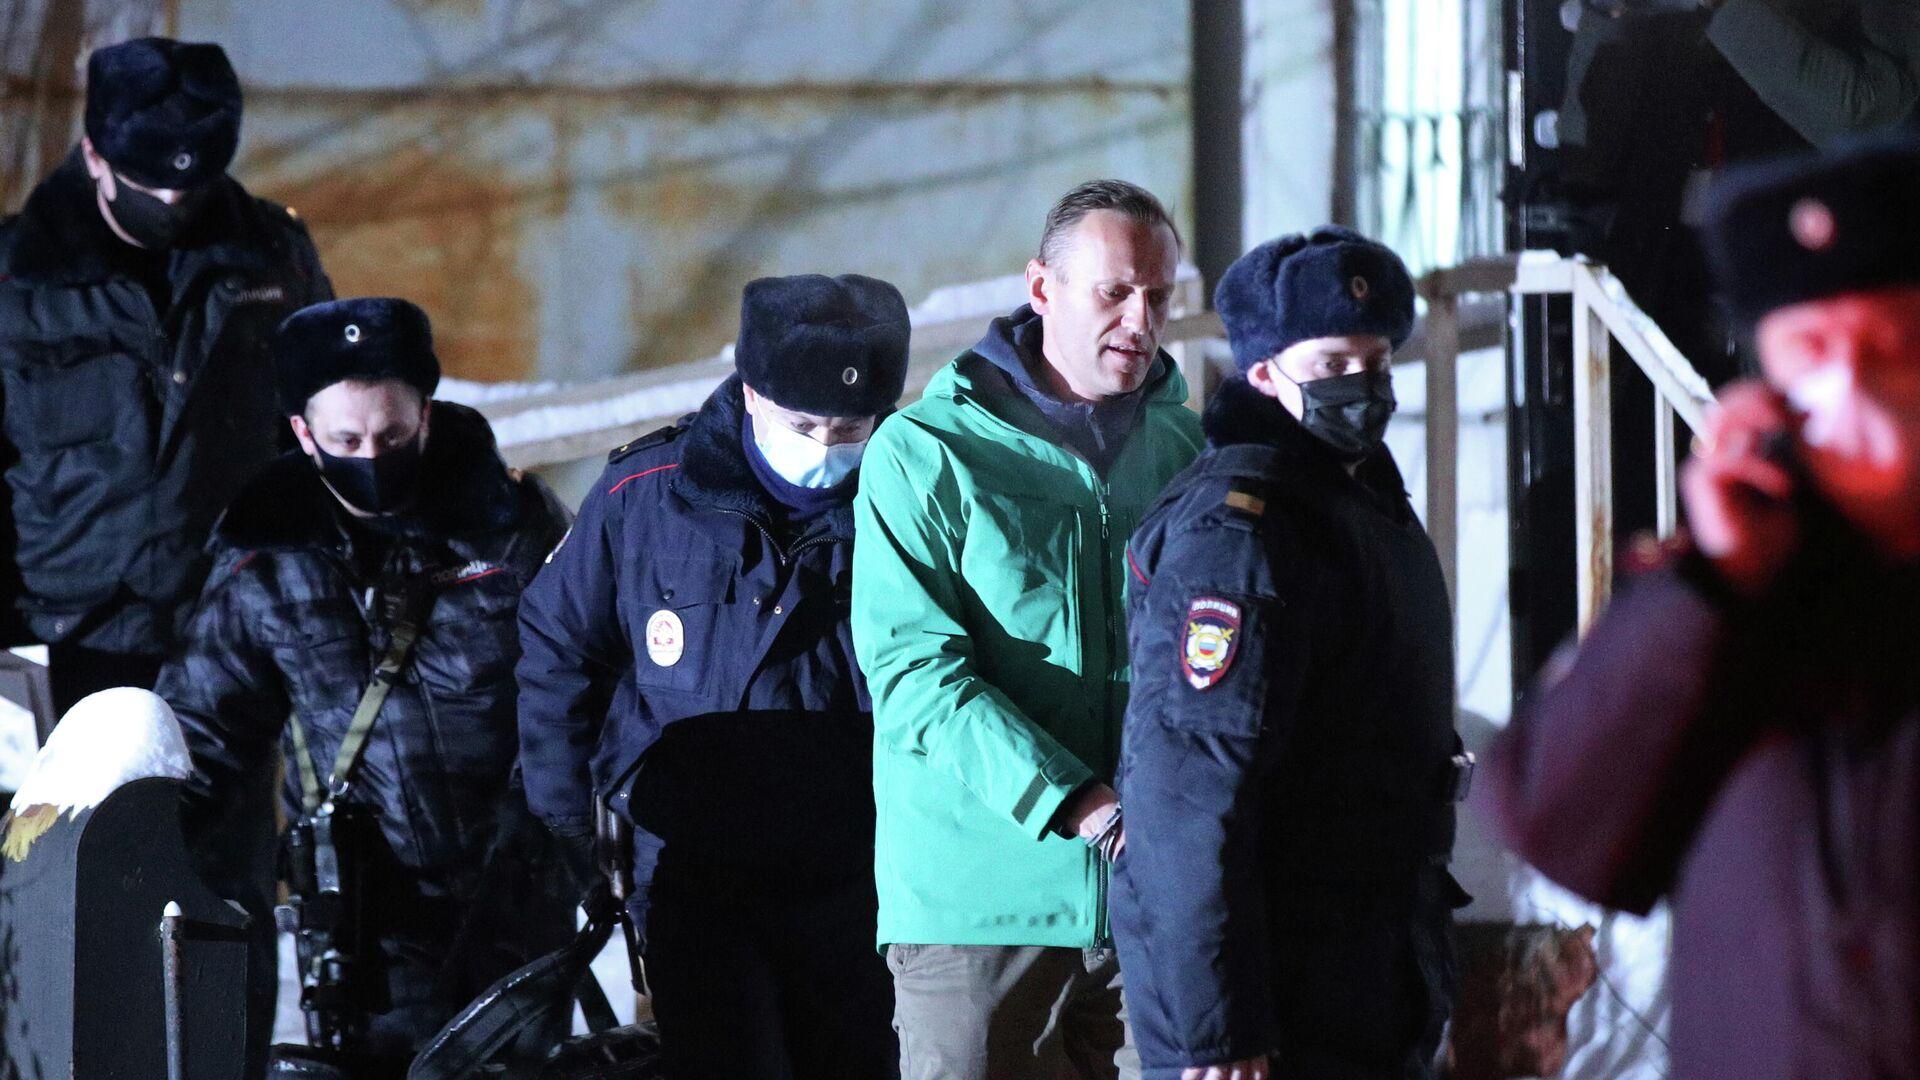 Сотрудники полиции выводят Алексея Навального из здания 2-го отдела полиции Управления МВД России по г. о. Химки - РИА Новости, 1920, 23.01.2021